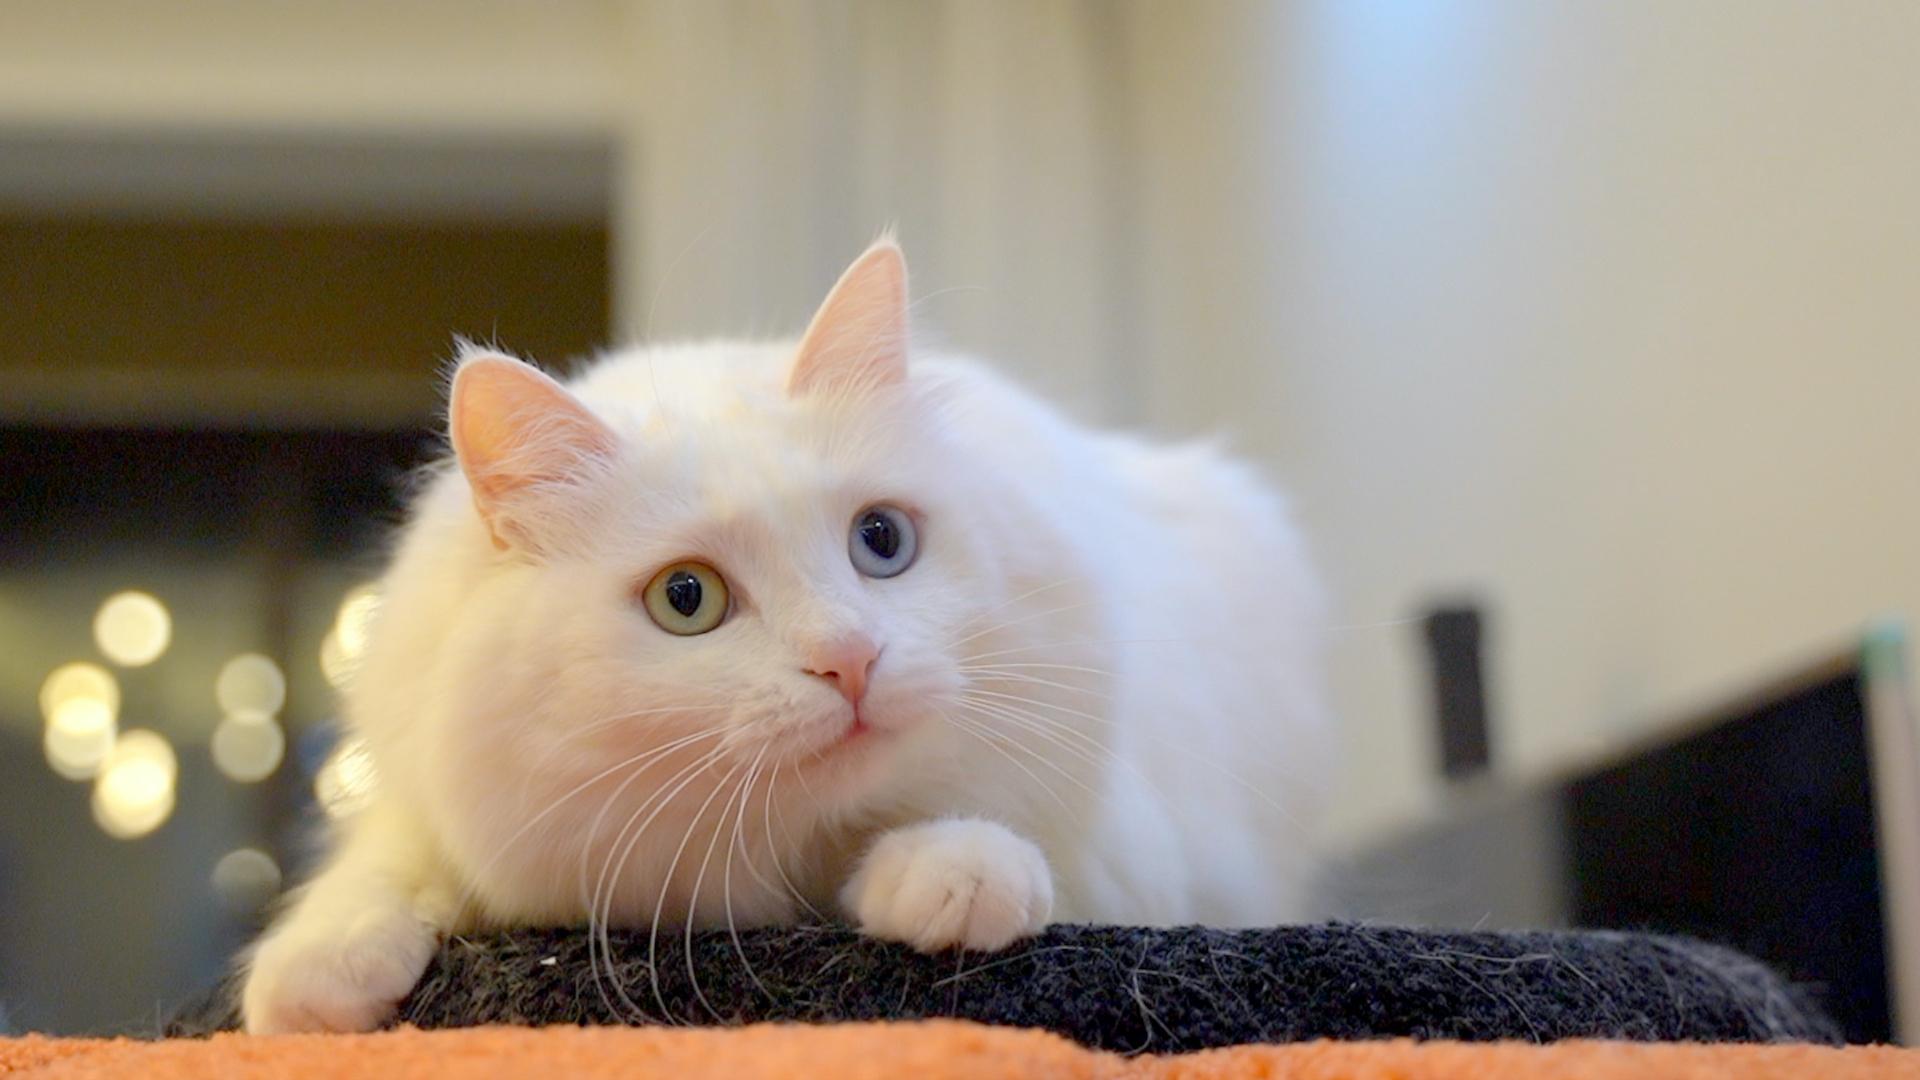 主人和仙女猫在家真实的一天,被猫咪按在沙发上疯狂踩奶,老婆怒了